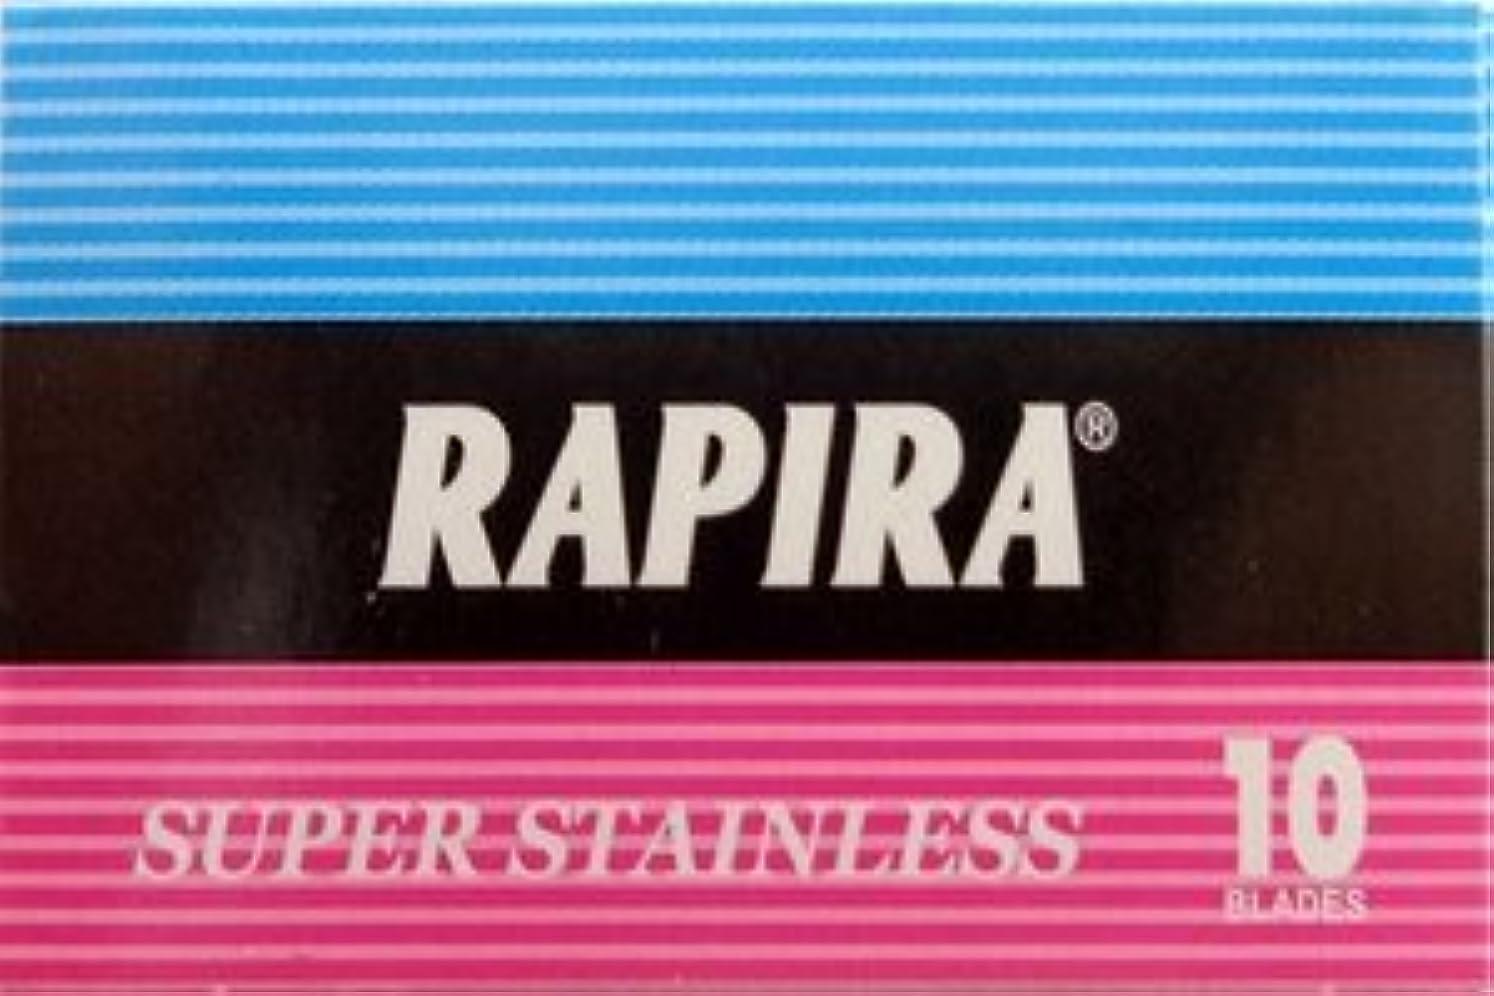 生きる葡萄オーバーコートRapira Super Stainless 両刃替刃 10枚入り(10枚入り1 個セット)【並行輸入品】